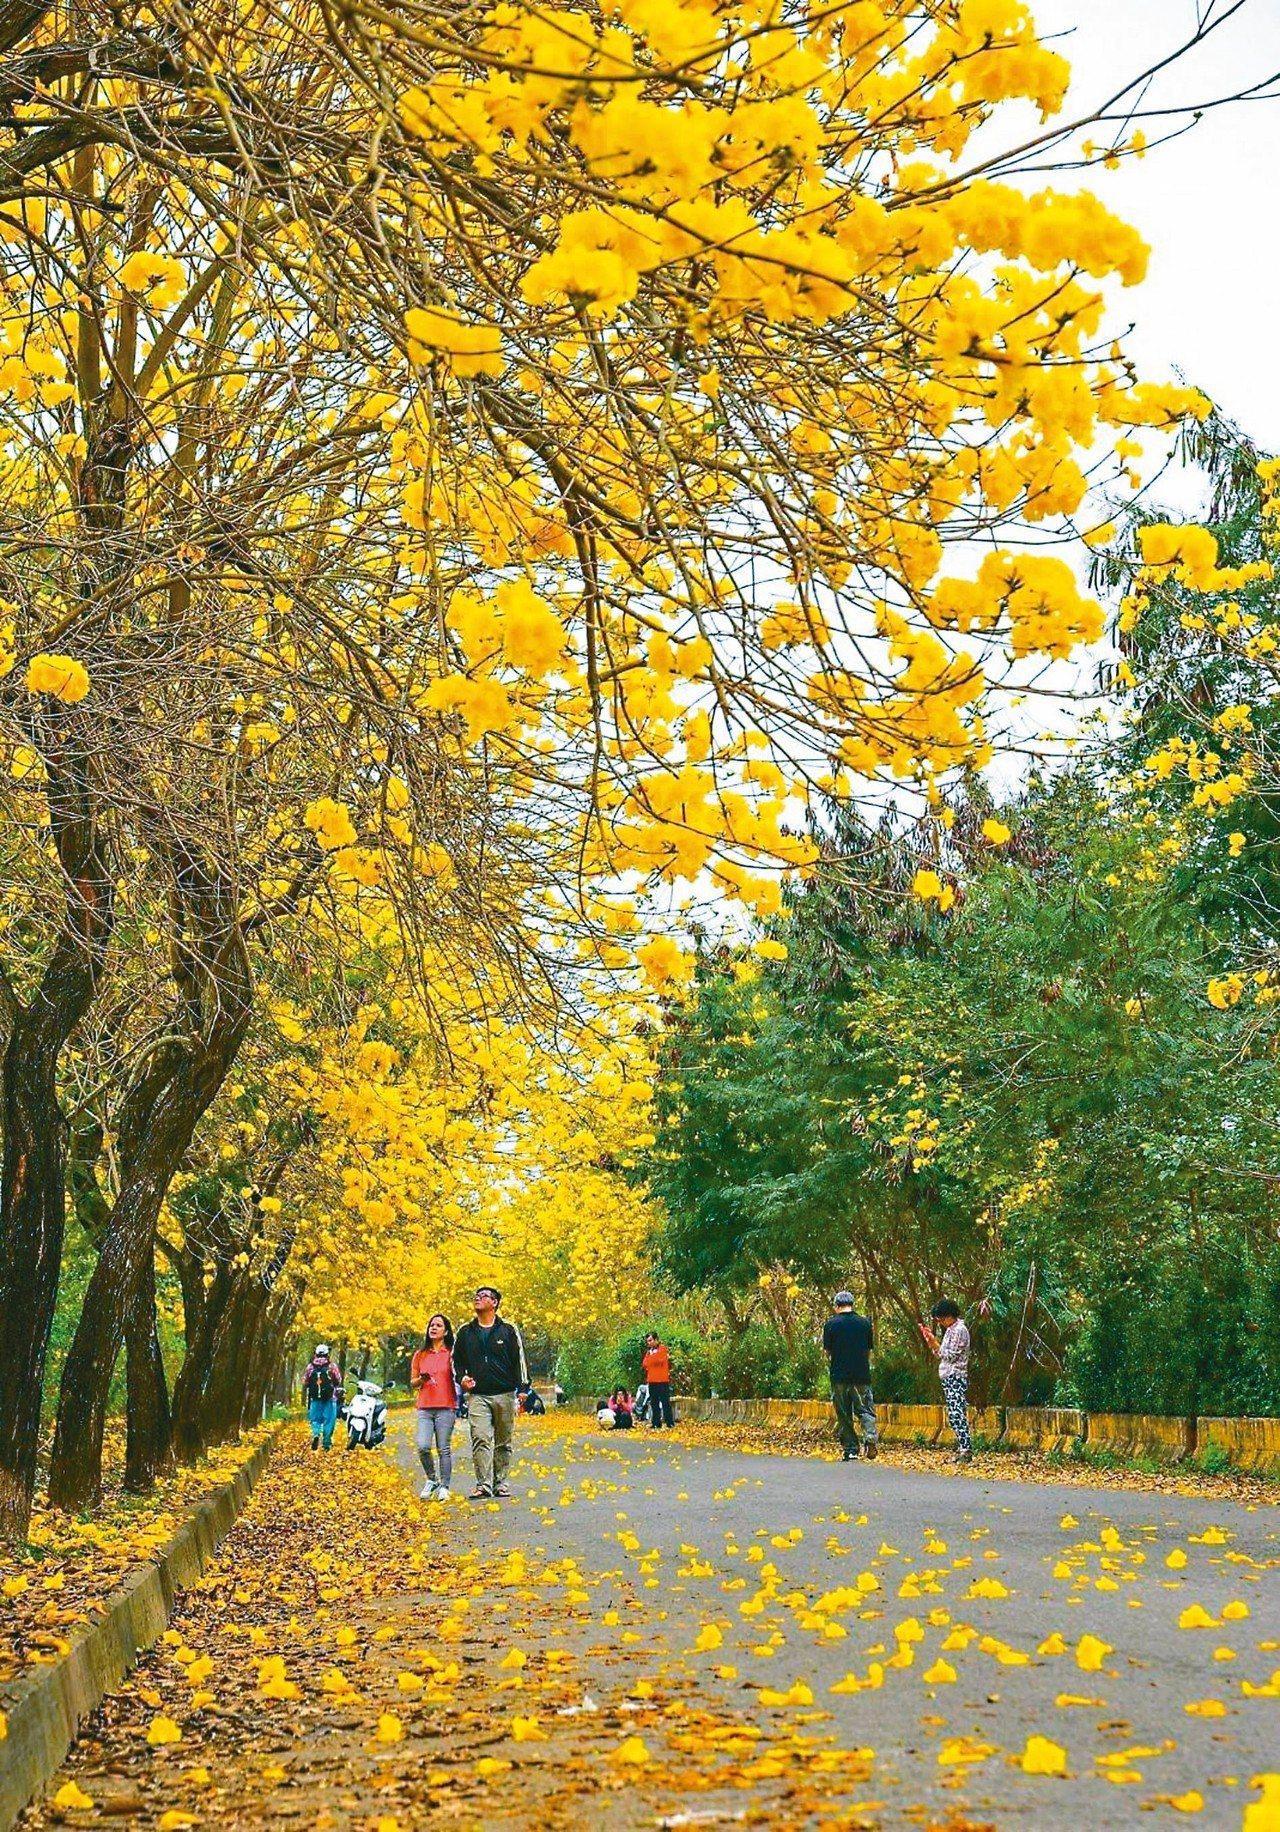 黃花風鈴木盛開景色,彷彿將天空染成金黃色,美景令人流連忘返。 圖/讀者提供